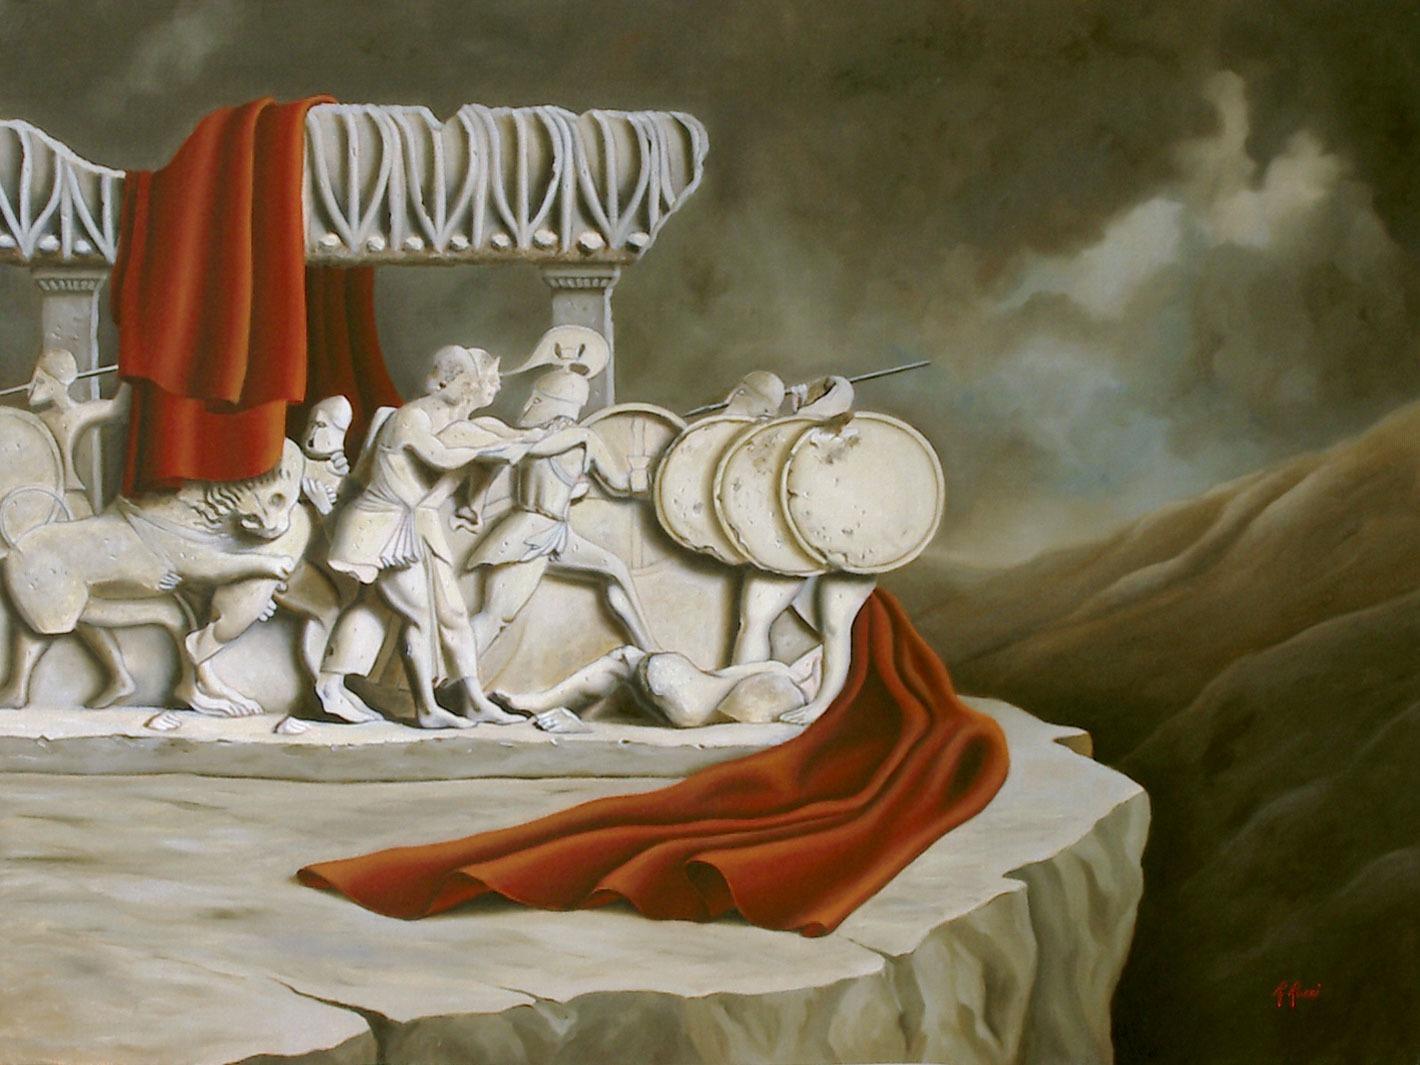 2006 roberta rossi - Lotta tra Giganti e Dei - olio su tela - 60 x 80